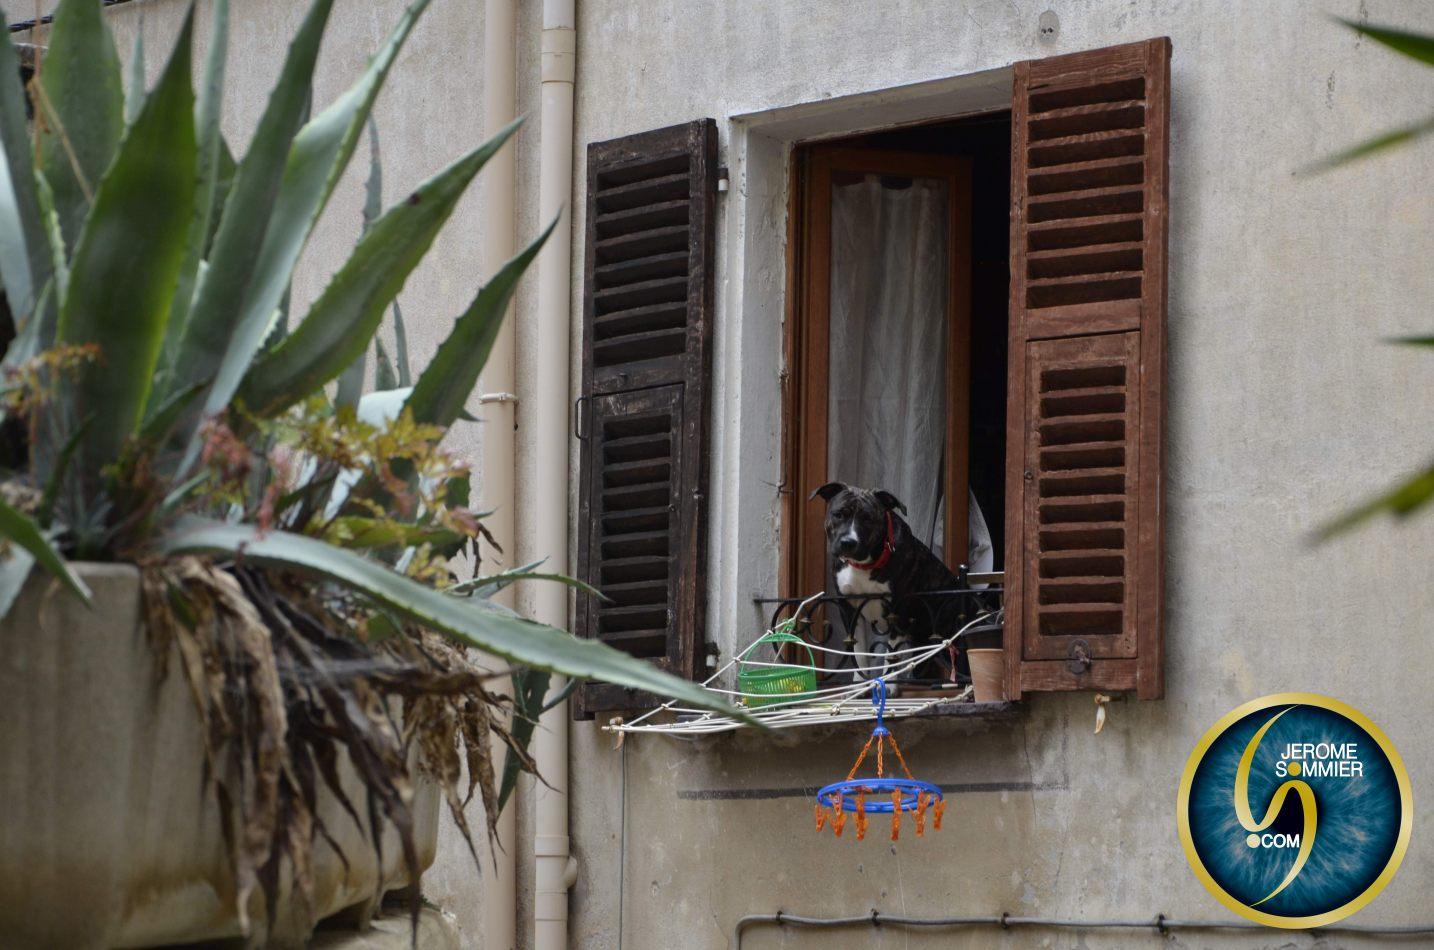 Jerome Sommier Photos - Travel & Events: Breil sur Roya